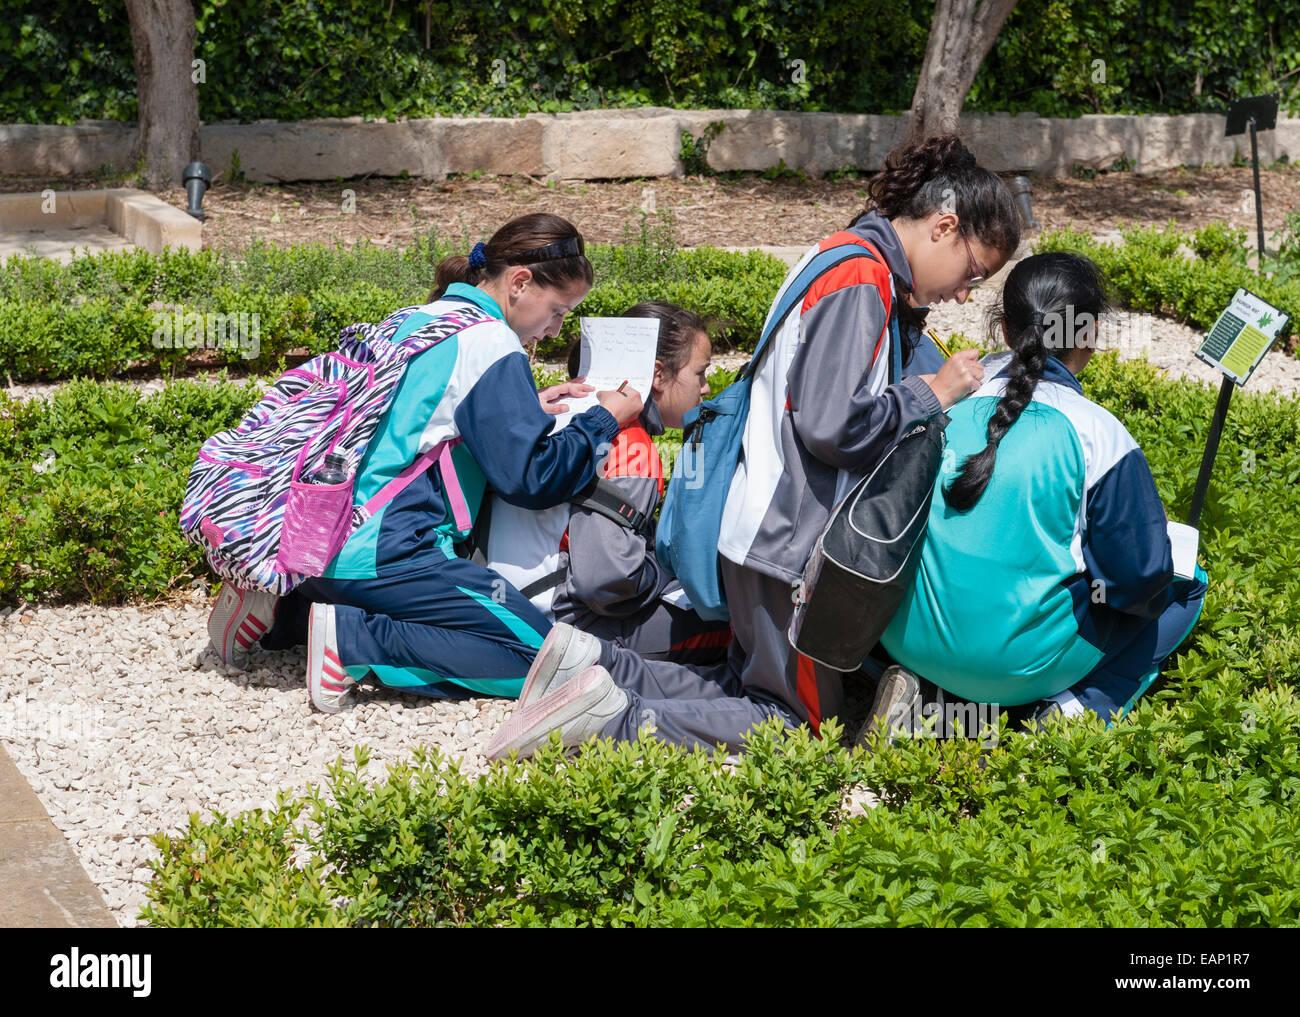 Der Präsident Küchengarten, Attard, Malta. Schülerinnen und Schüler auf eine Botanik zu studieren Stockbild